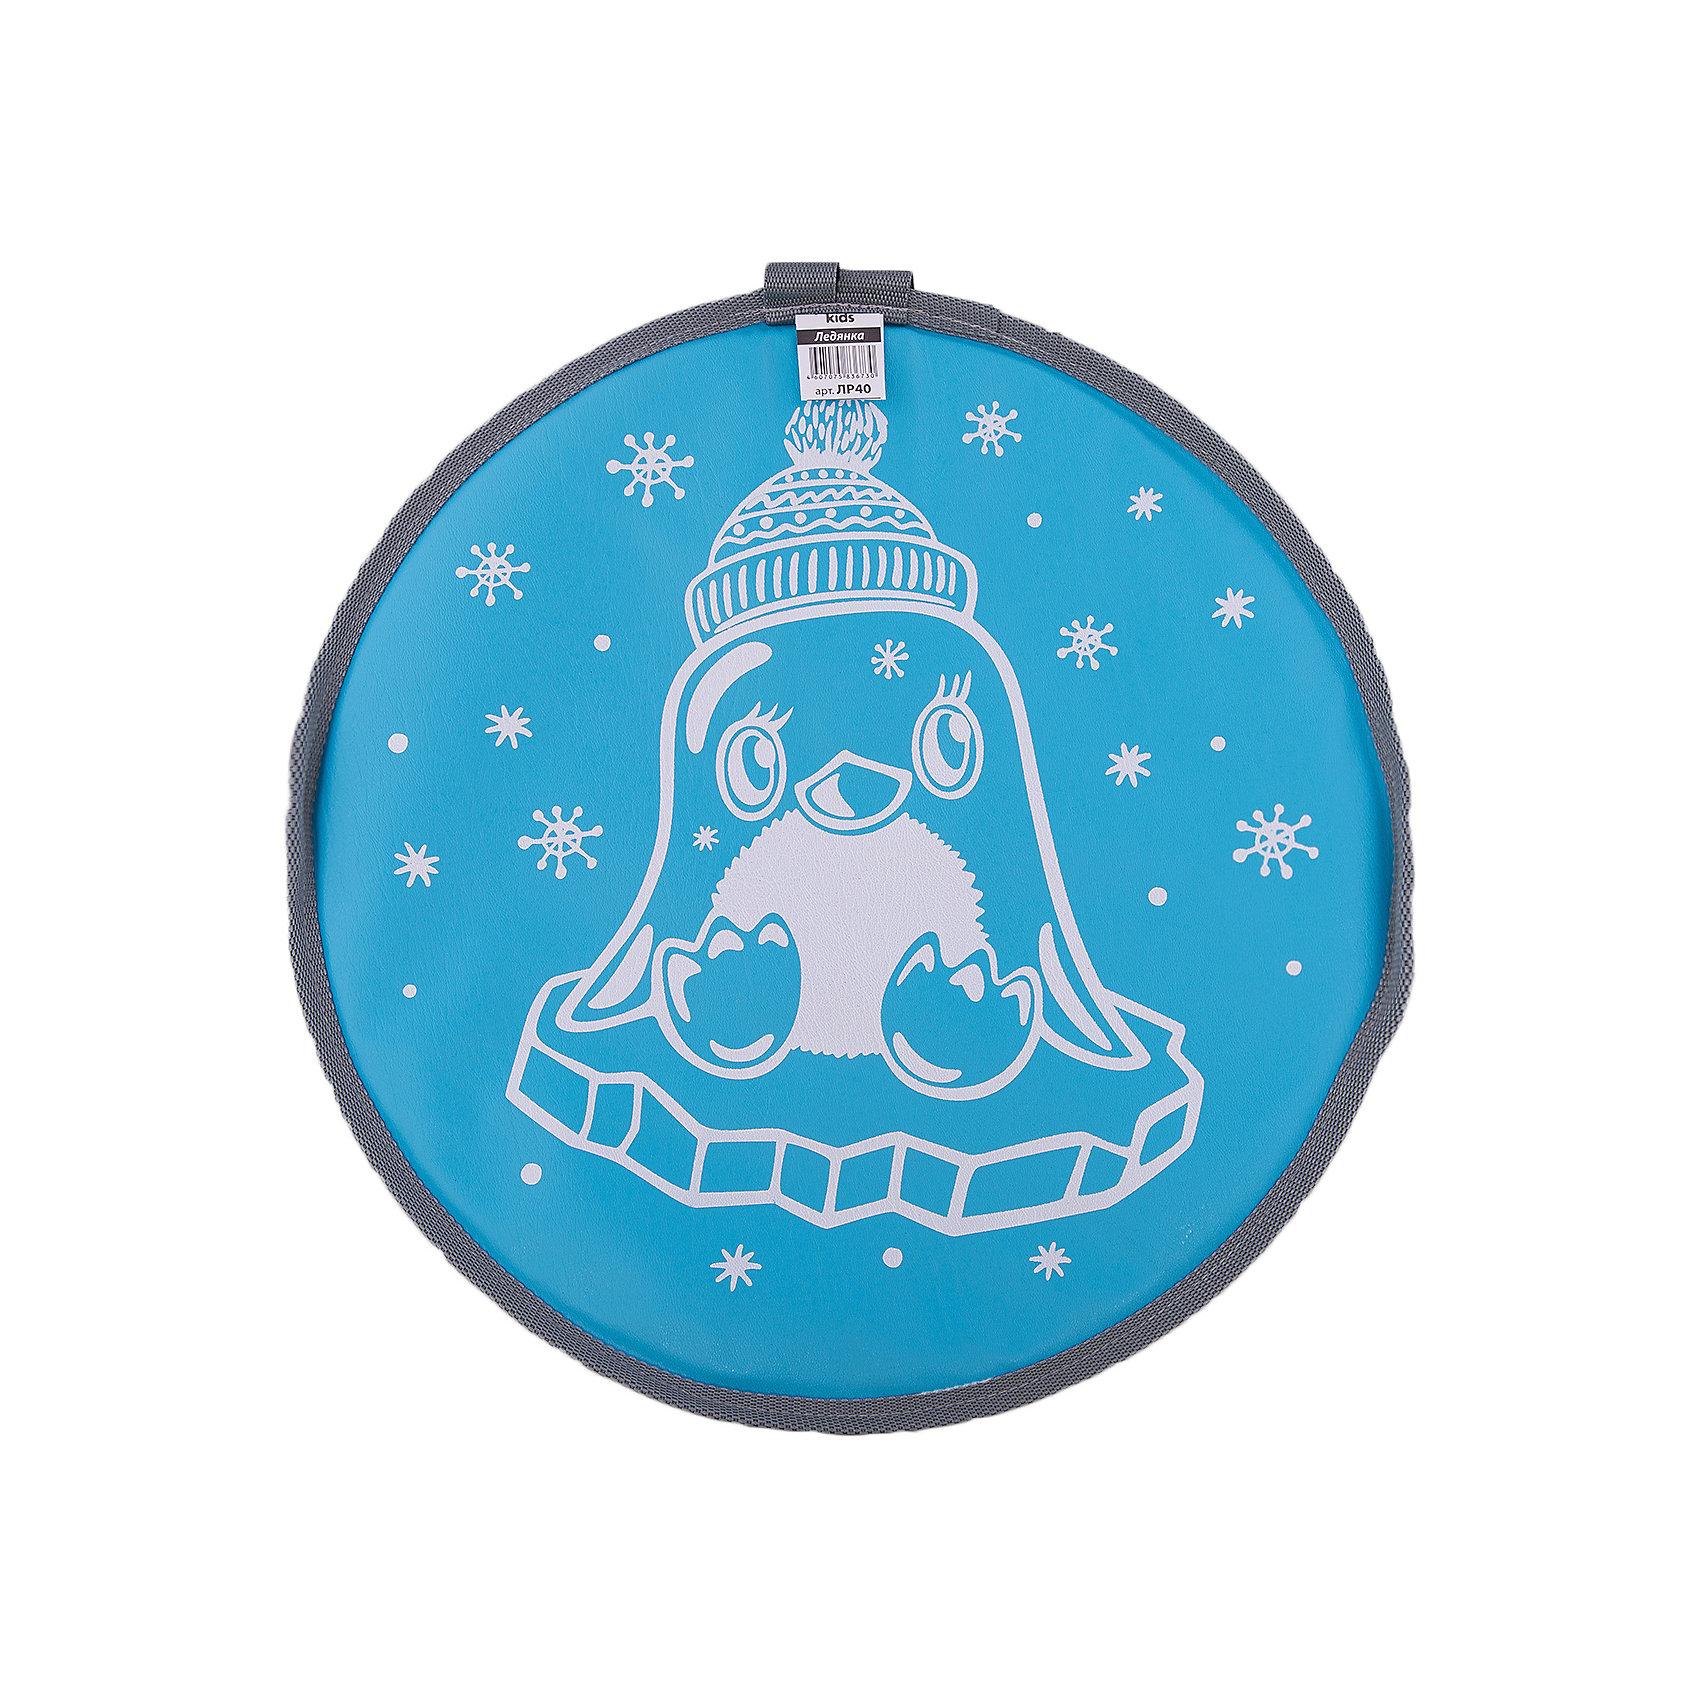 Ледянка Пингвин голубойЛедянка Пингвин голубой ? незаменимый аксессуар для зимних прогулок от отечественного торгового бренда Ника. Ледянка выполнена из экологически безопасных материалов и красителей: верхняя часть изготовлена из винила, который обладает водоотталкивающими свойствами, нижняя часть – из автотента, который характеризуется высокими скользящими свойствами и прочностью. Мягкость ледянке придает поролон. Выполнено изделие в форме круга с удобной прочной ручкой. У ледянок яркий красочный дизайн. <br><br>Дополнительная информация:<br><br>- Вид игр: подвижные игры<br>- Предназначение: для прогулок в зимний период<br>- Материал: поролон, винил, автотент<br>- Цвет: голубой, белый, серый<br>- Вес: 200 г <br>- Пол: для мальчика/для девочки<br>- Особенности ухода: ледянки можно мыть в теплой мыльной воде<br><br>Подробнее:<br><br>• Для детей в возрасте: от 3 лет <br>• Страна производитель: Россия<br>• Торговый бренд: Ника<br><br>Ледянки Пингвин голубой можно купить в нашем интернет-магазине.<br><br>Ширина мм: 9999<br>Глубина мм: 9999<br>Высота мм: 9999<br>Вес г: 200<br>Возраст от месяцев: -2147483648<br>Возраст до месяцев: 2147483647<br>Пол: Мужской<br>Возраст: Детский<br>SKU: 4935340